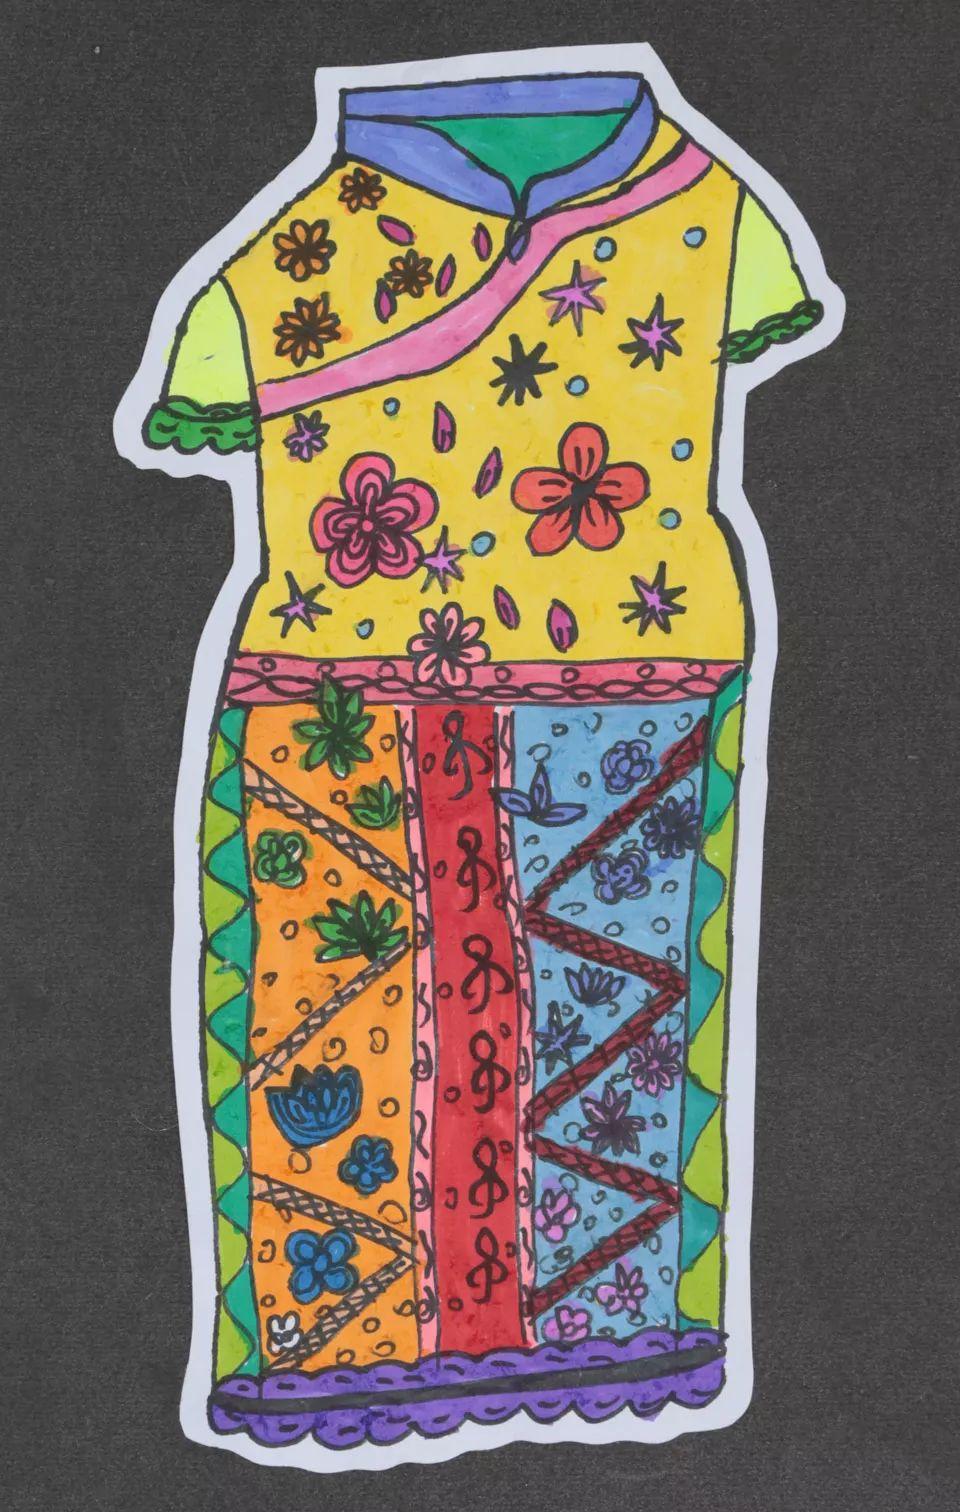 包括软笔,硬笔,创意儿童画,图案设计,服装设计,中国画,传统画艺,摄影图片